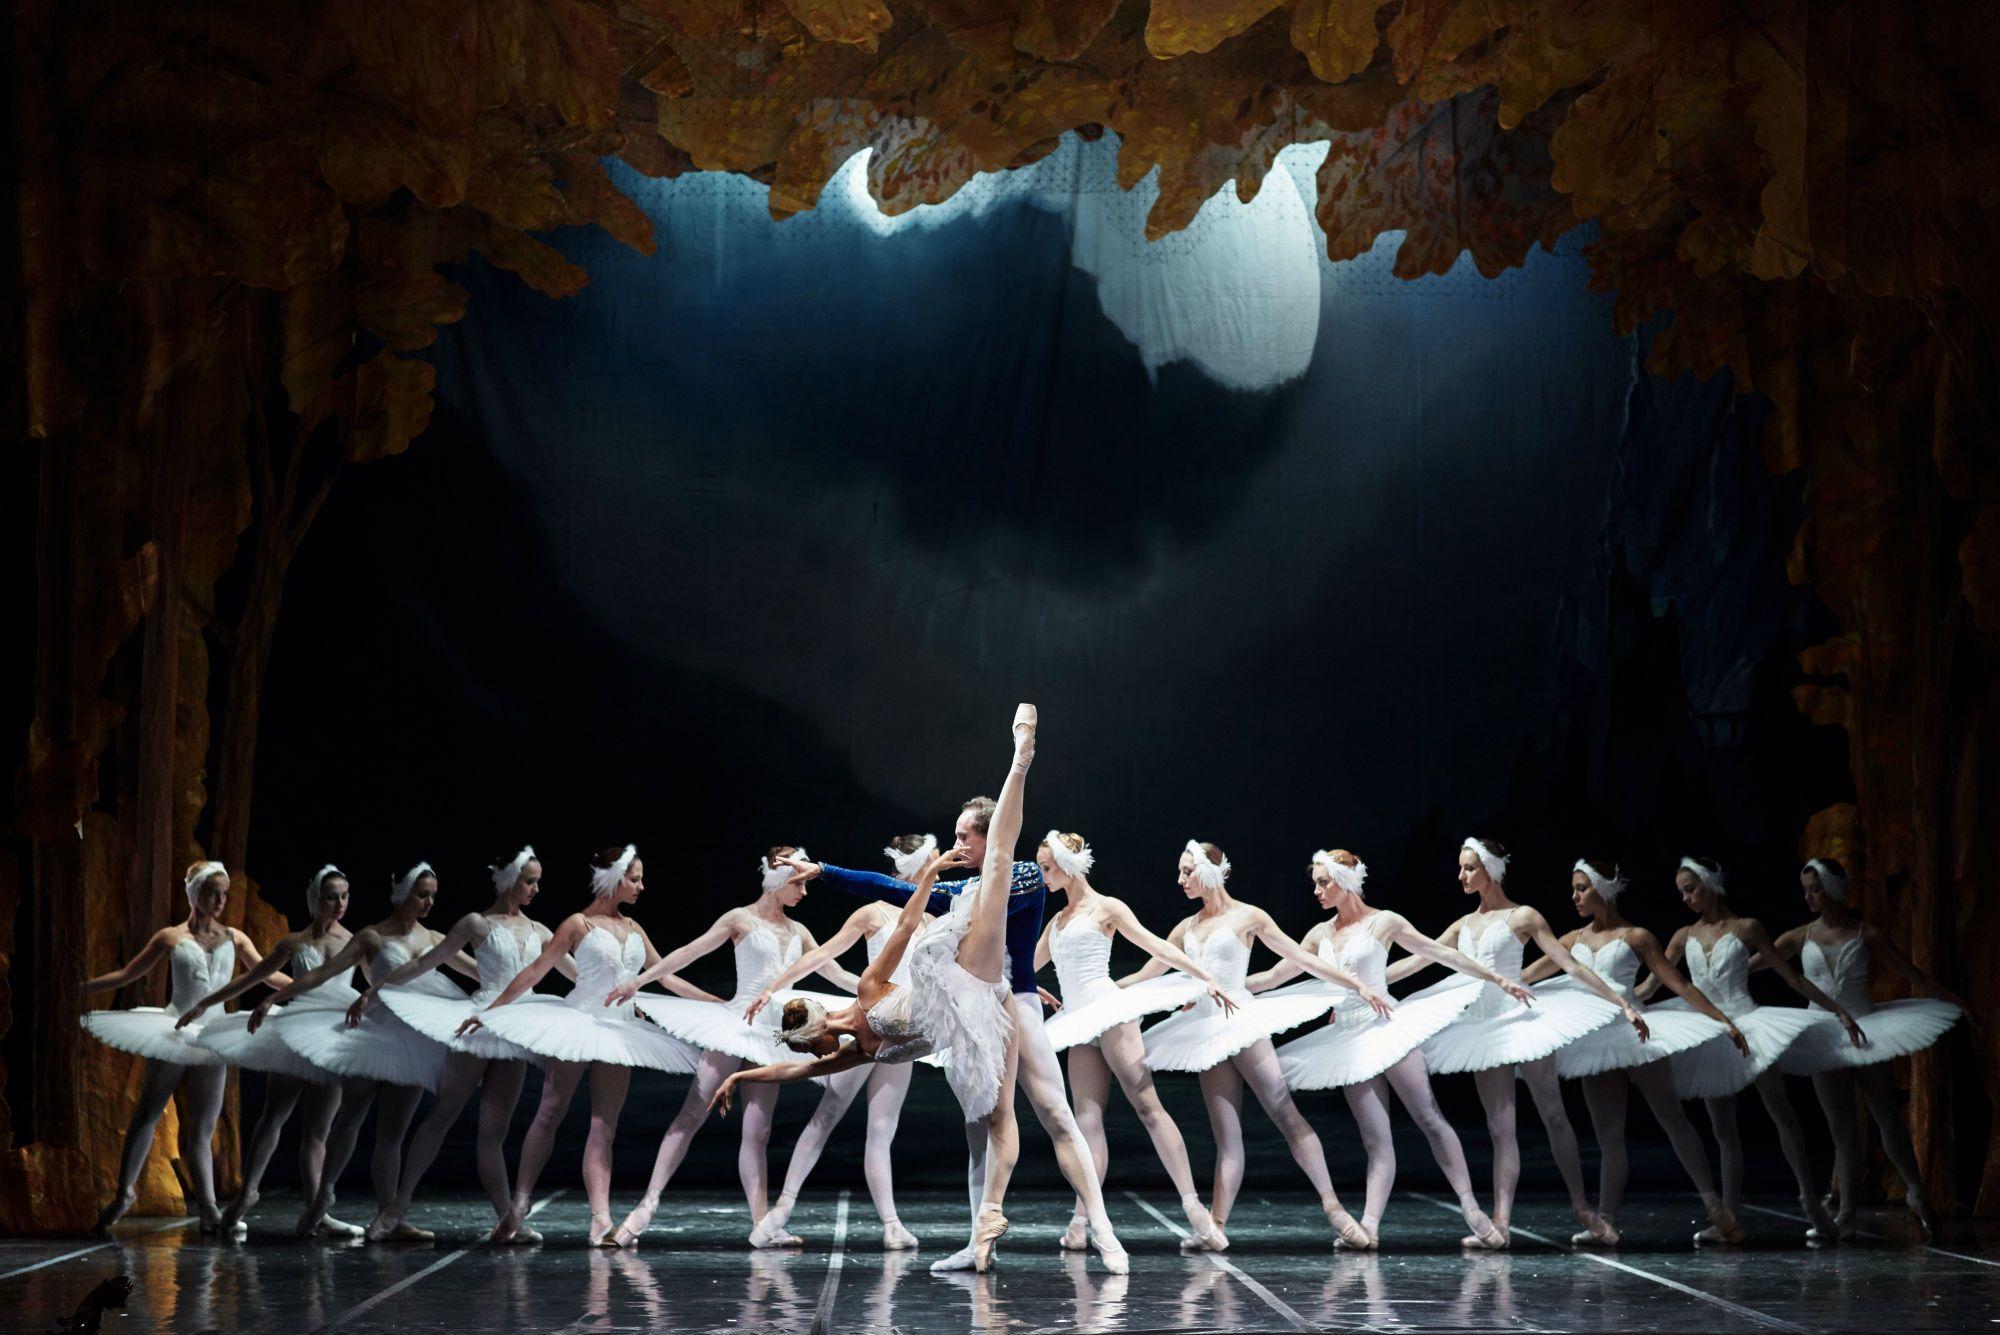 сегодня, имея балет лебединое озеро фото комбинации более